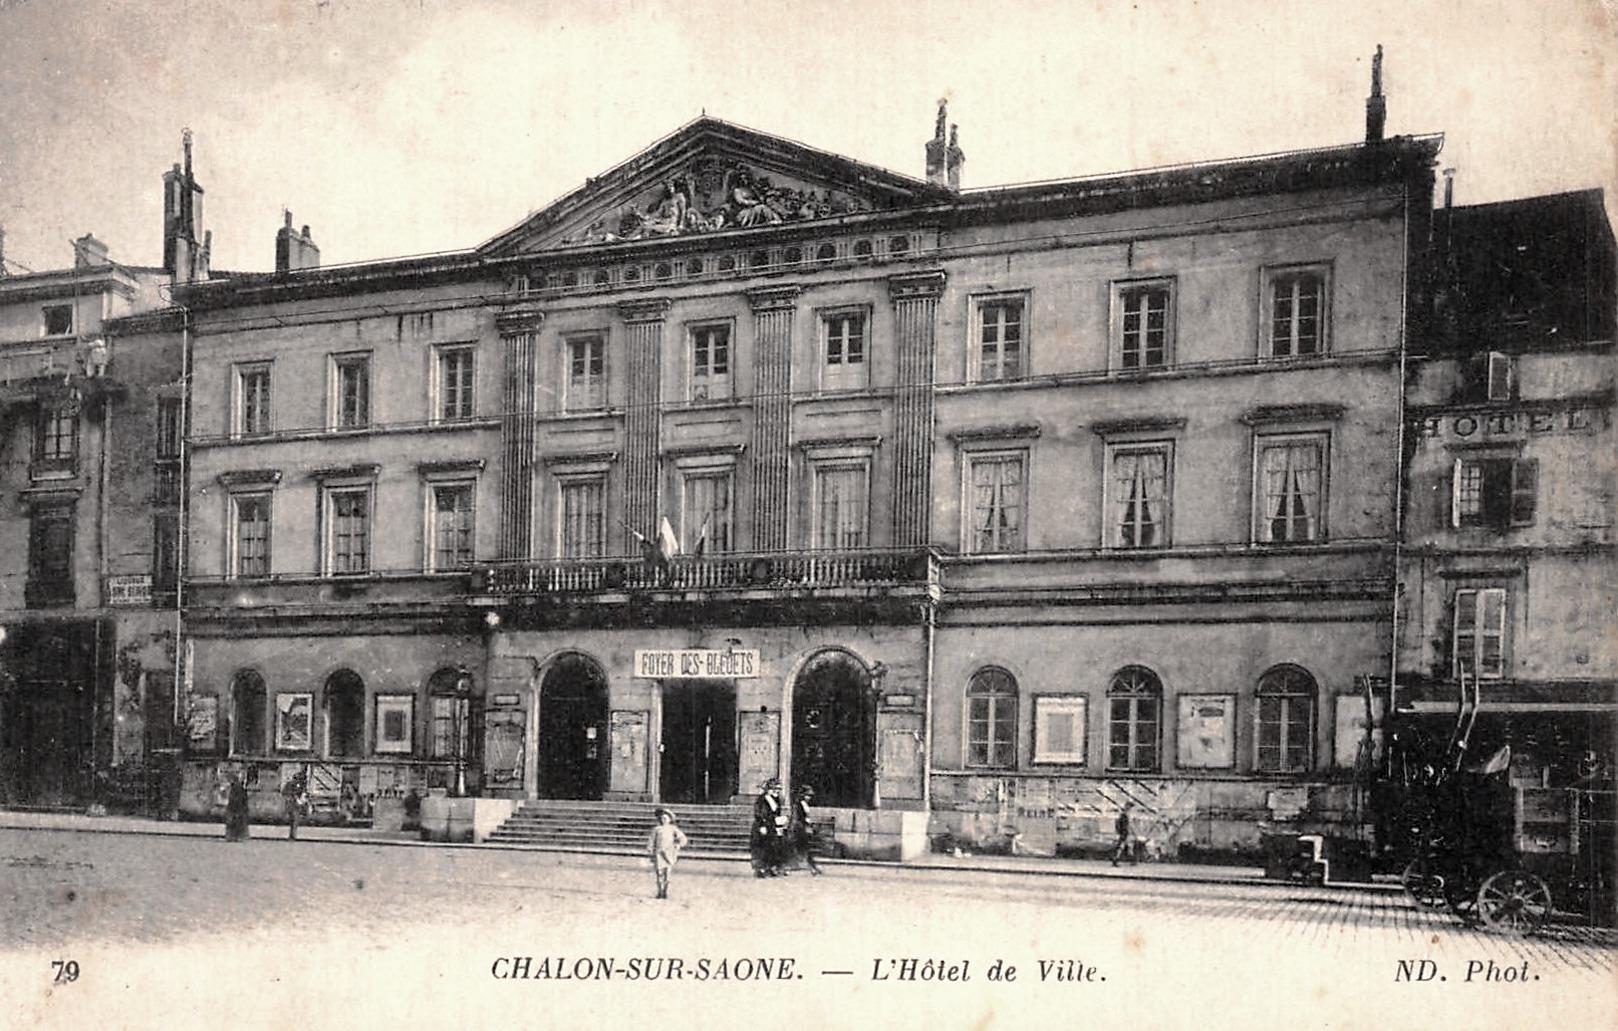 Chalon-sur-Saône (71) Hôtel de ville CPA